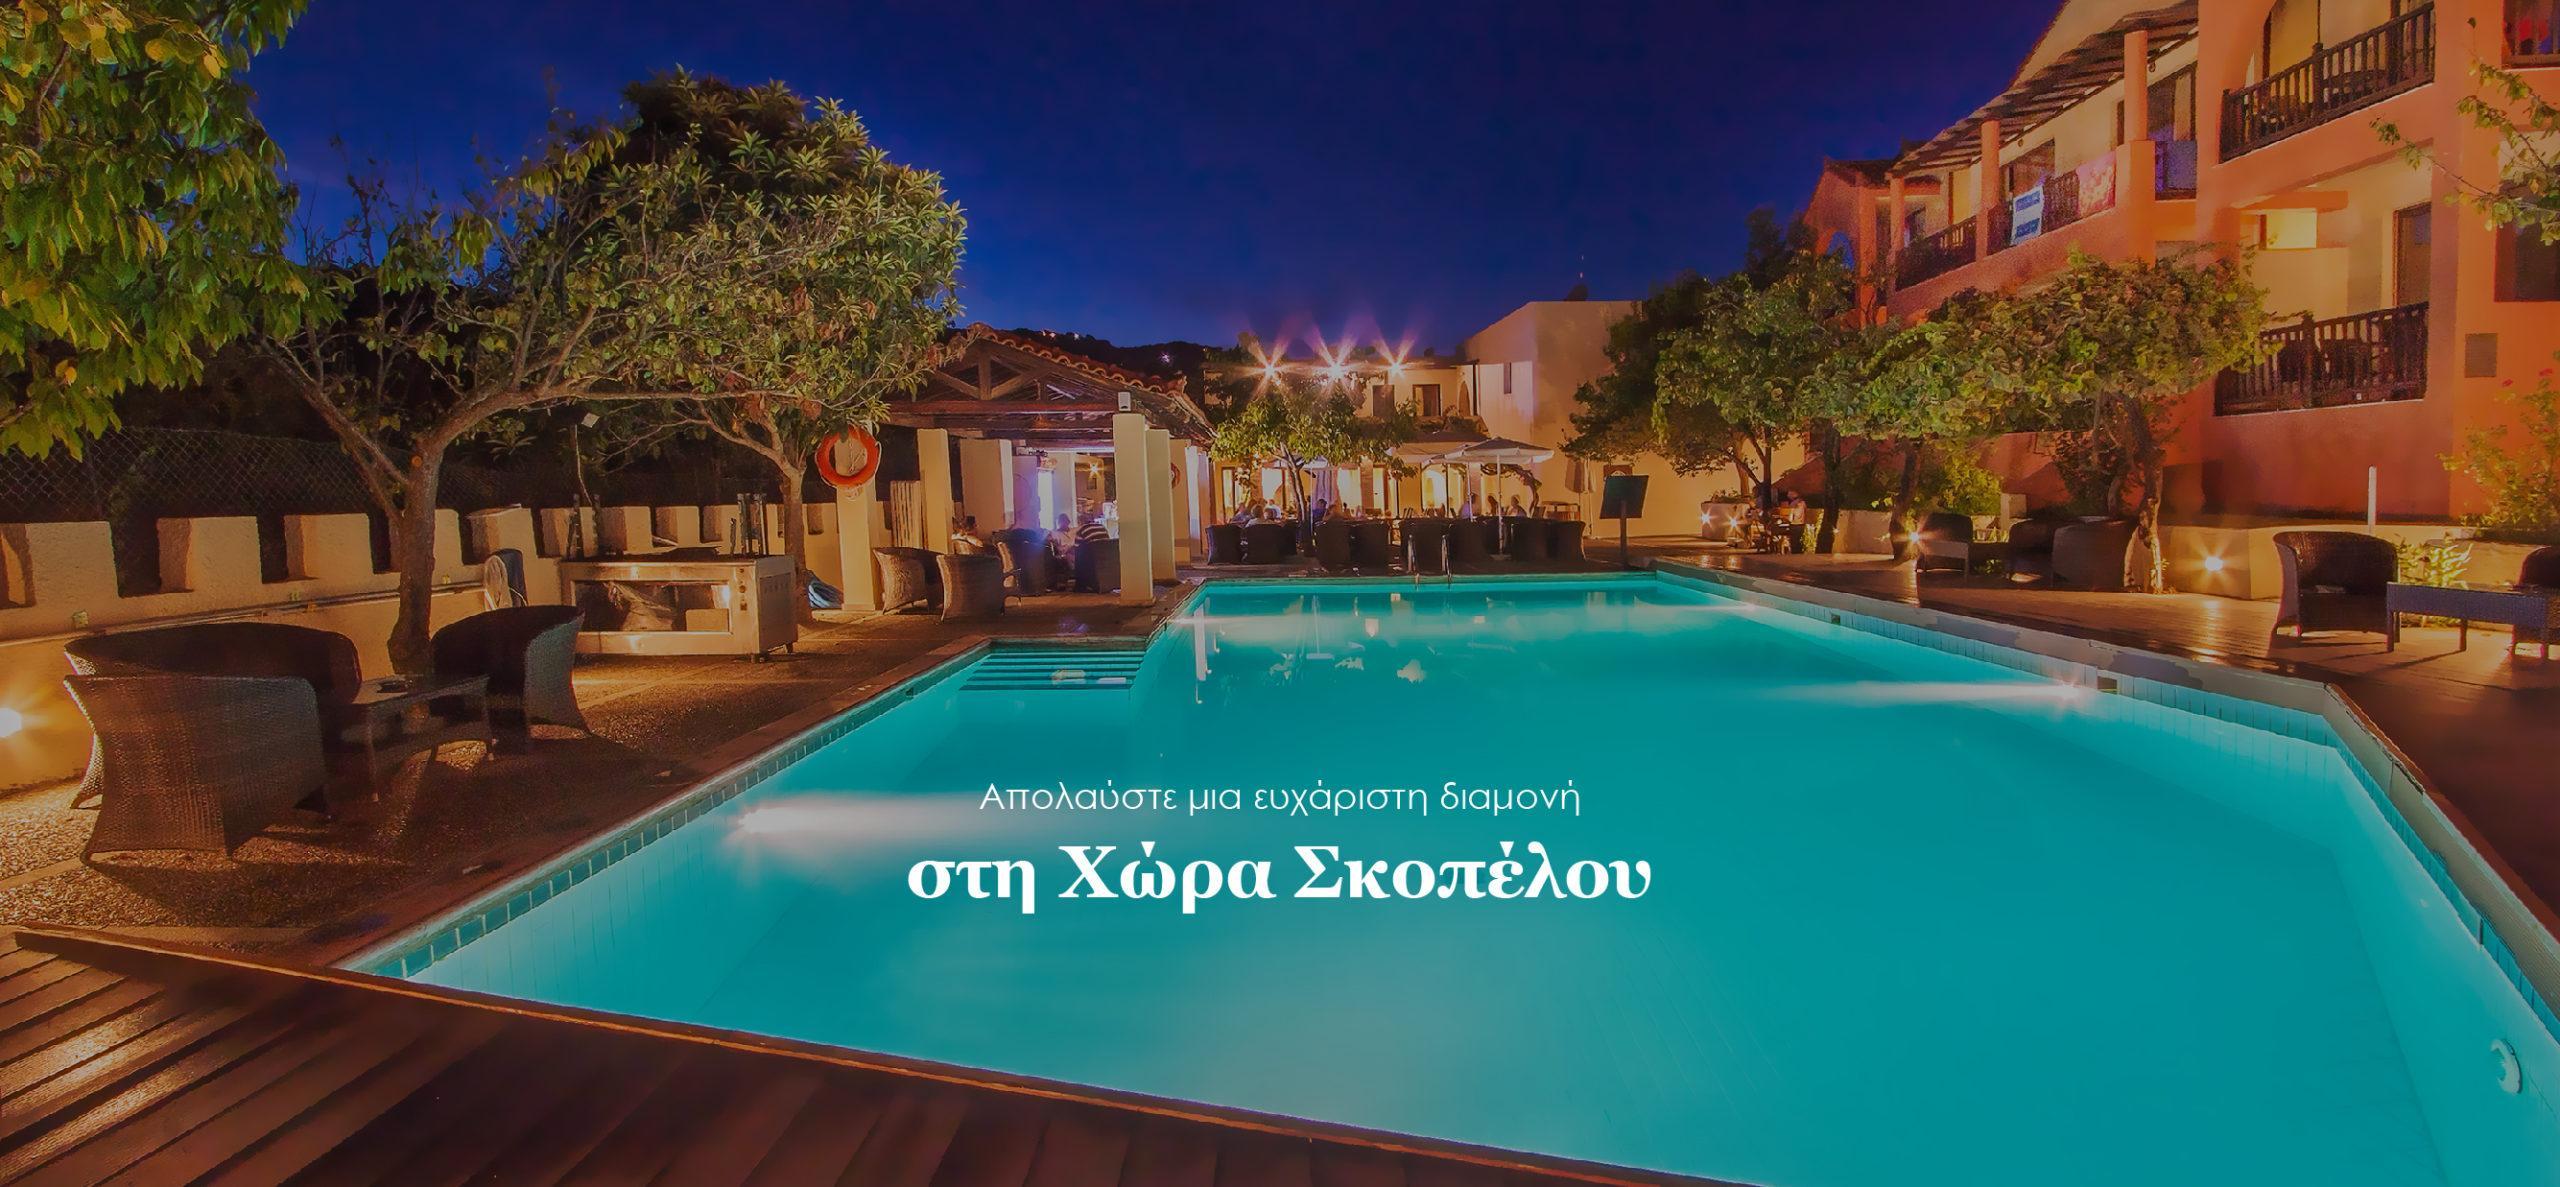 Ξενοδοχείο Στη Χώρα Σκοπέλου, Online Κράτηση